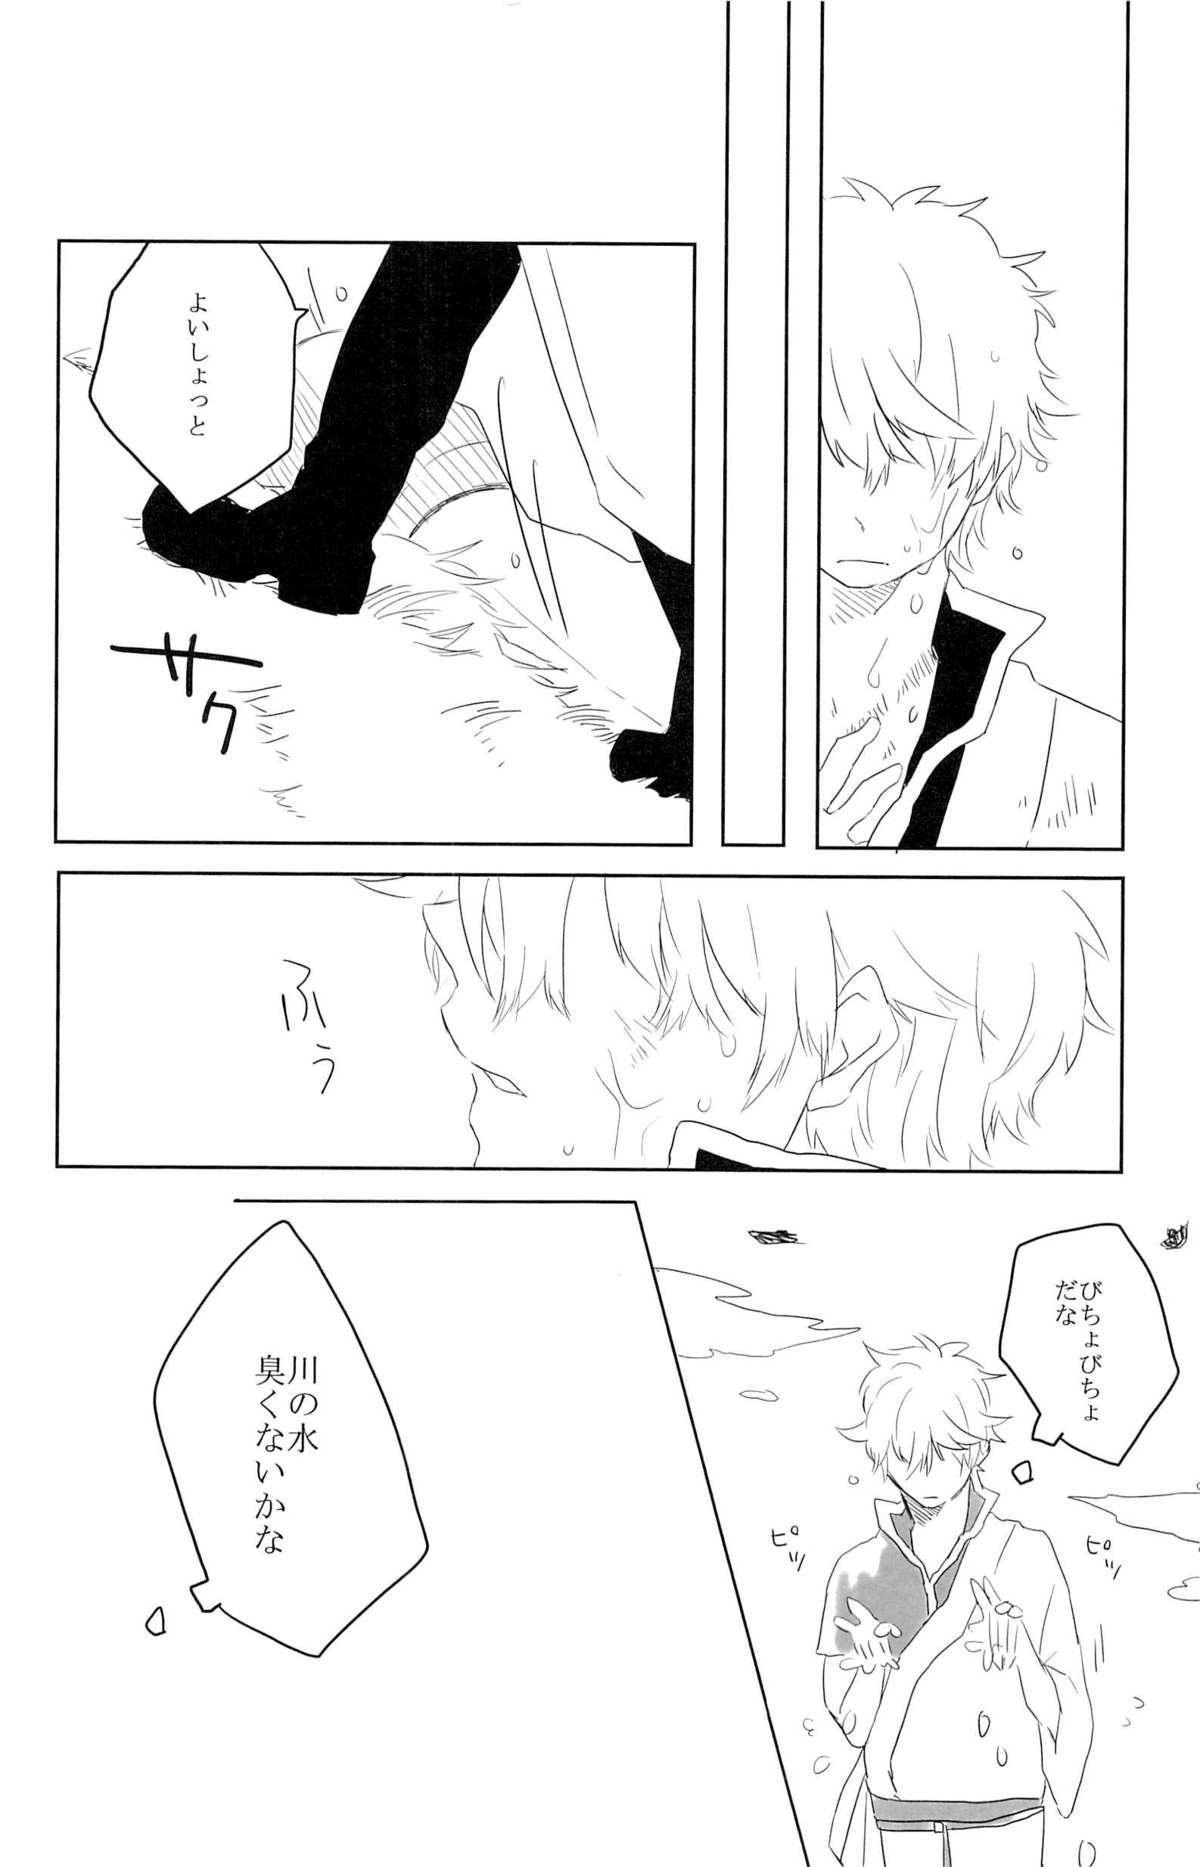 性拷問 109